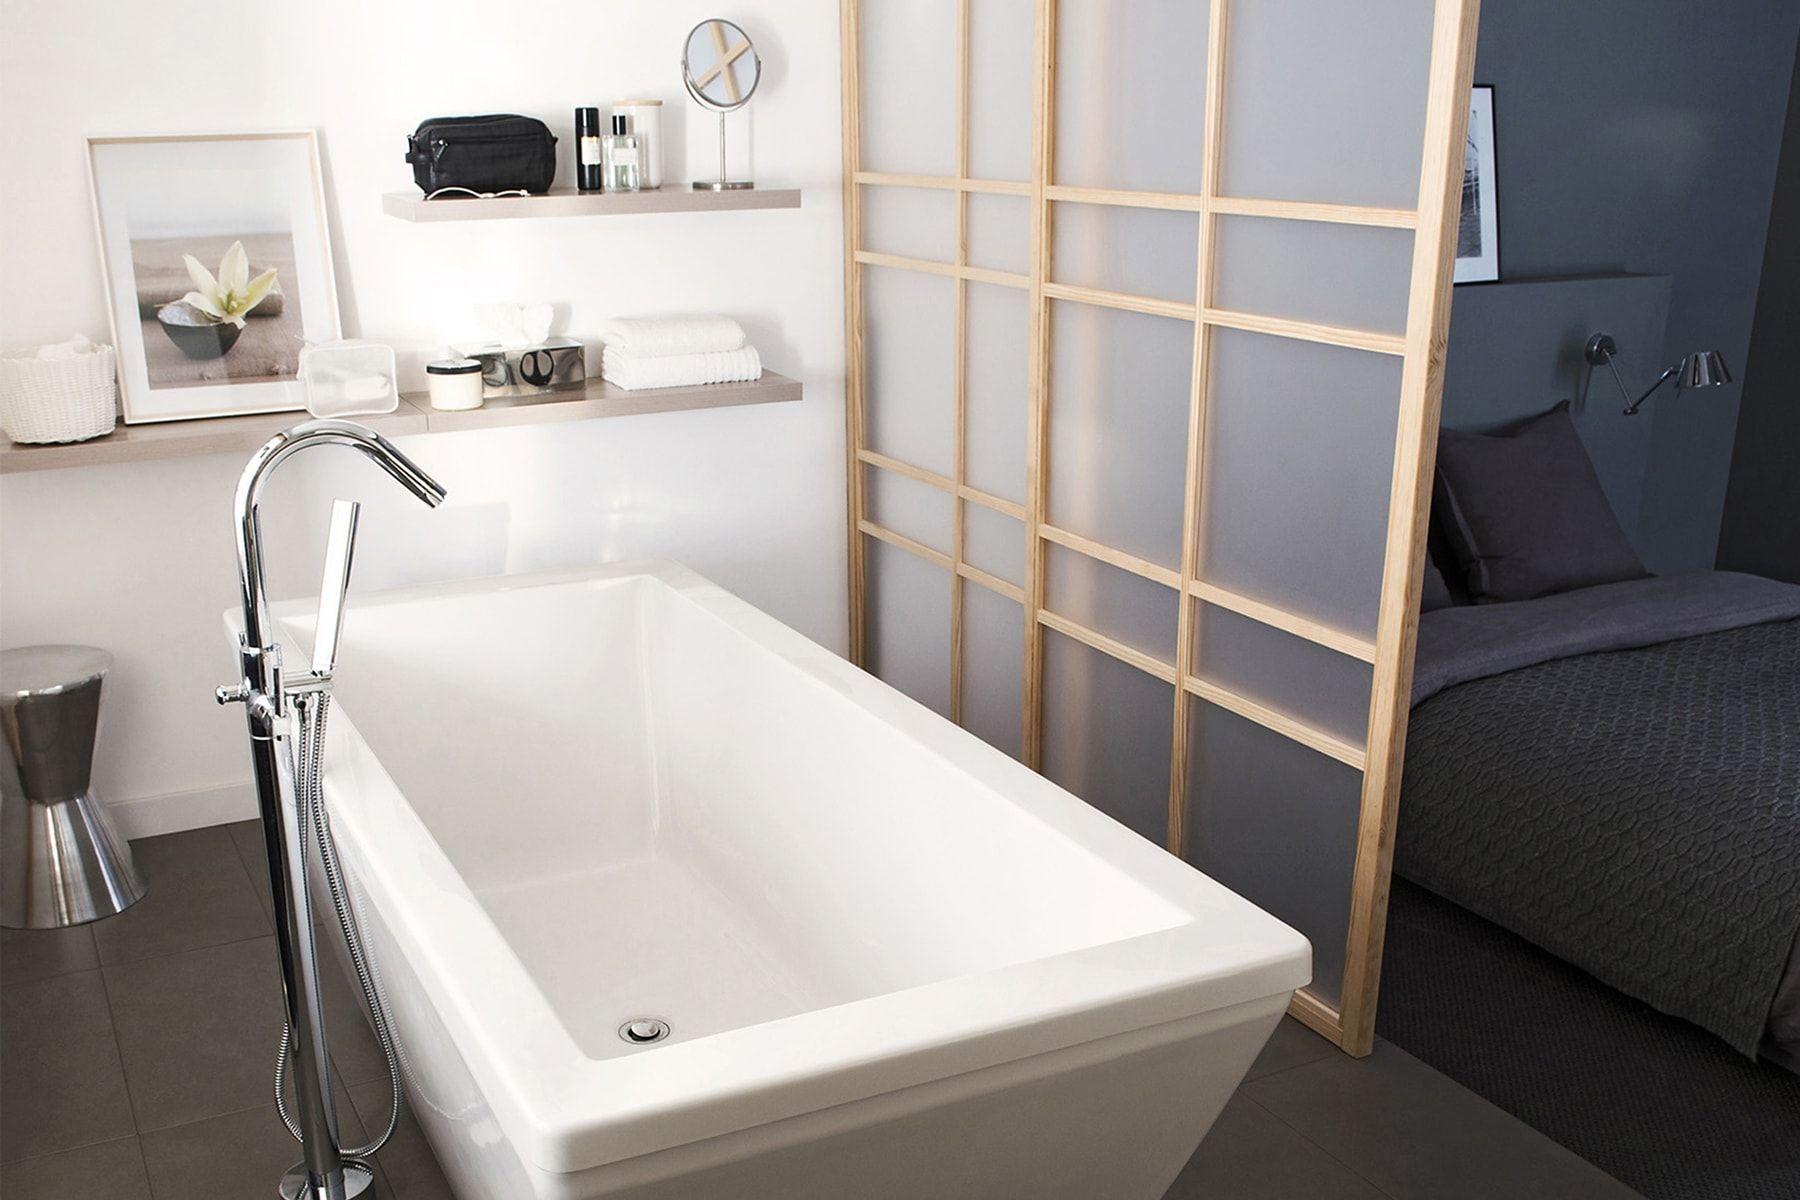 Cloison Amovible Pour Salle De Bain une salle de bains privative : des cloisons amovibles et